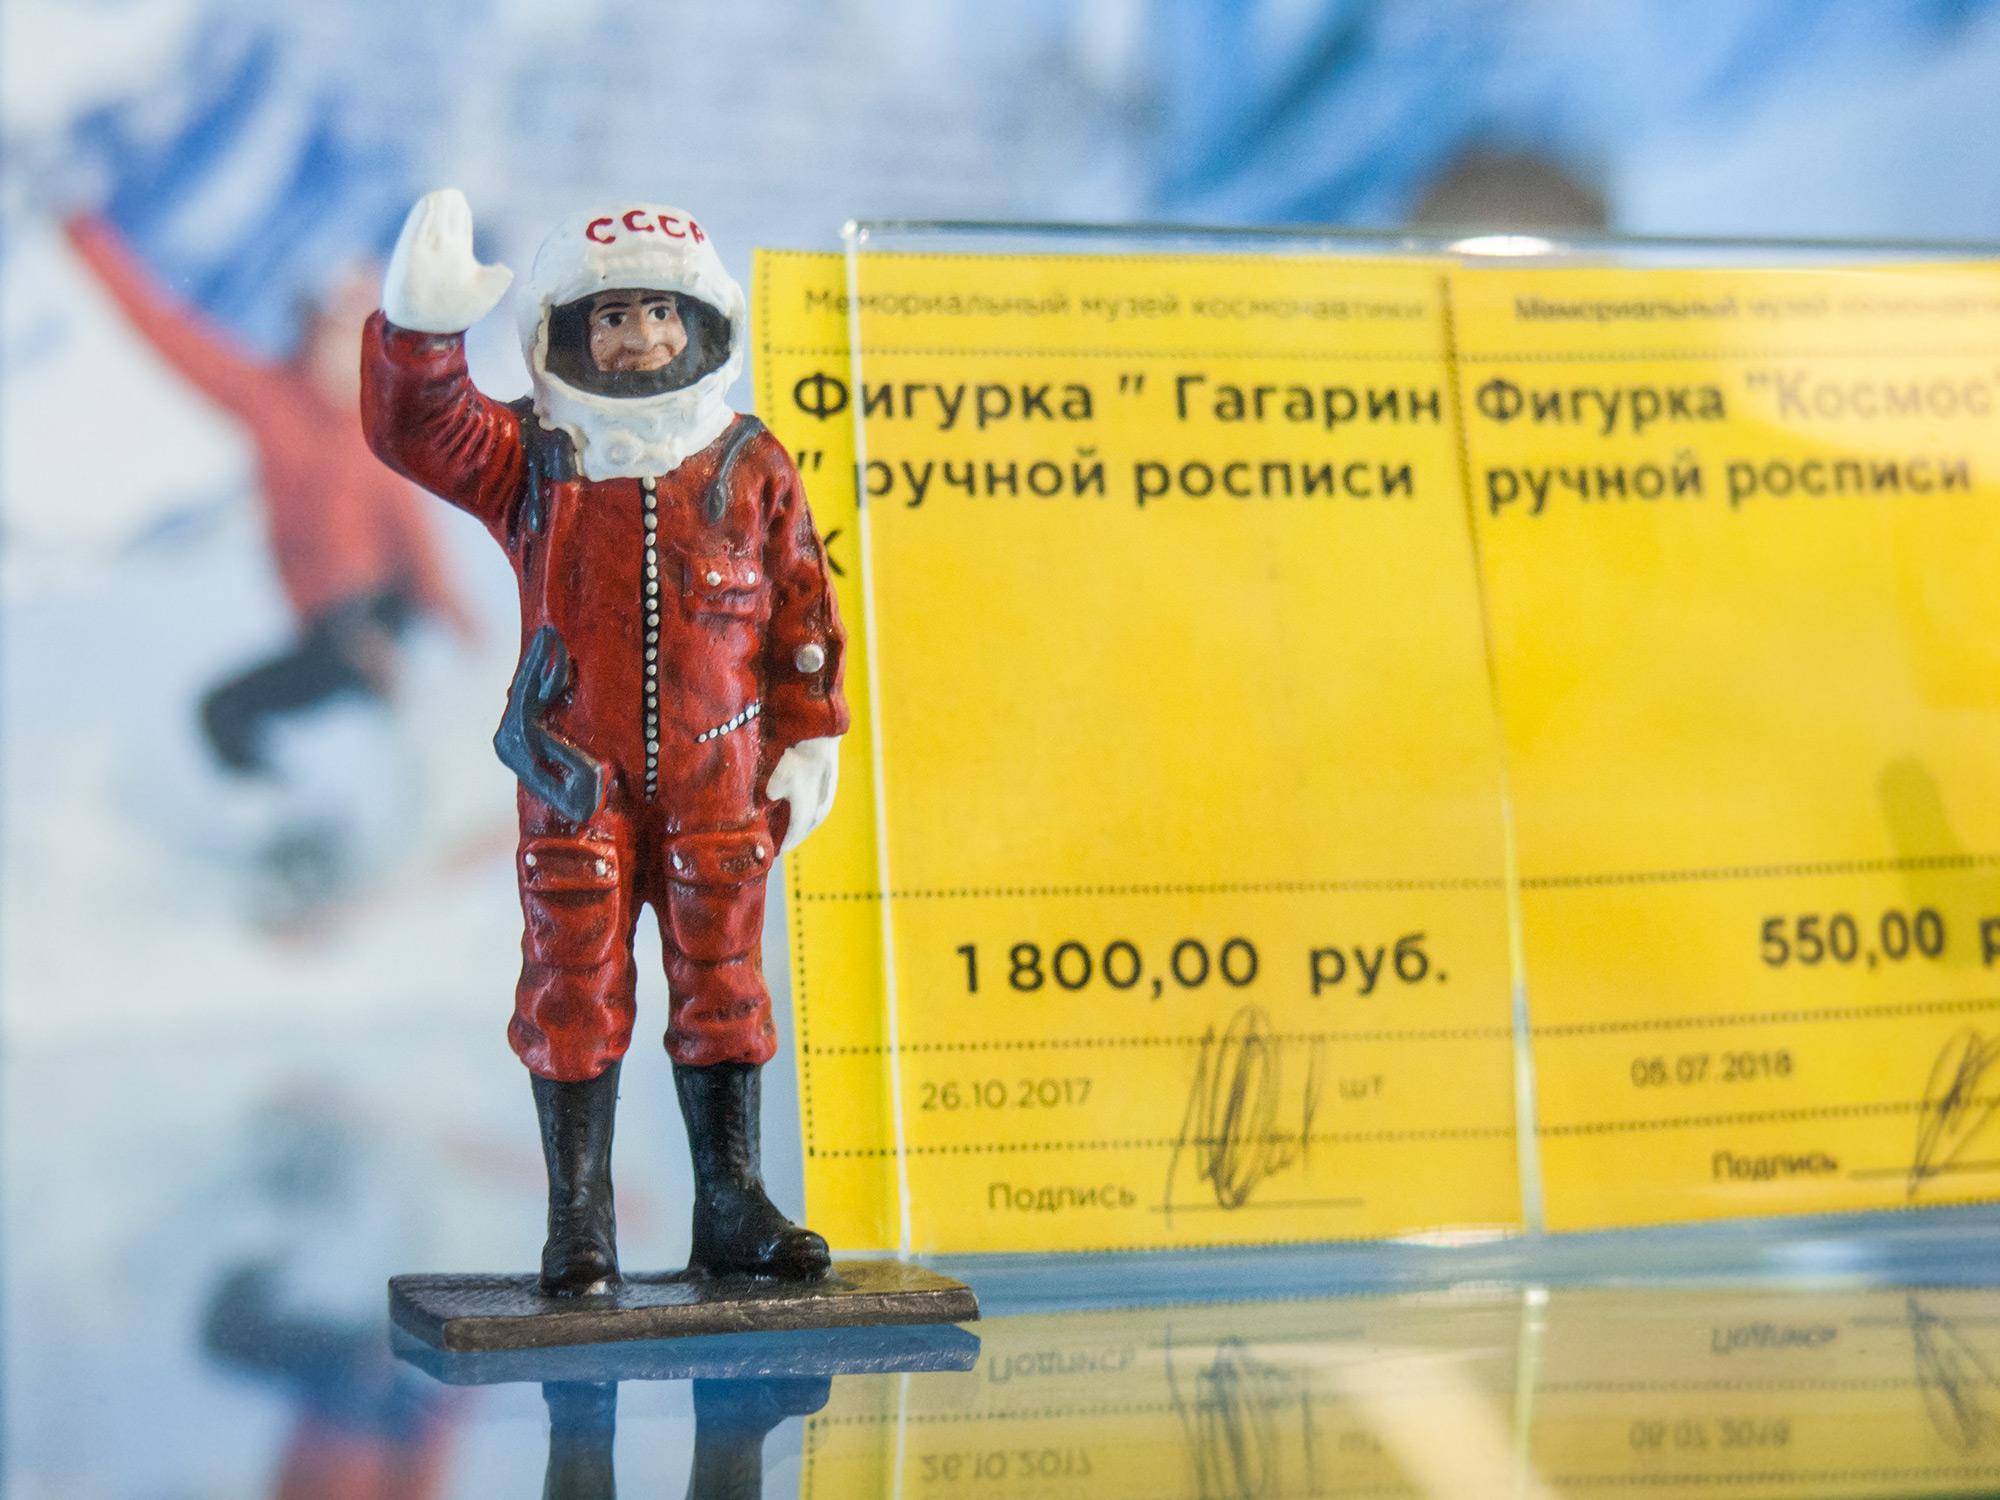 Сувенирная фигурка Гагарин